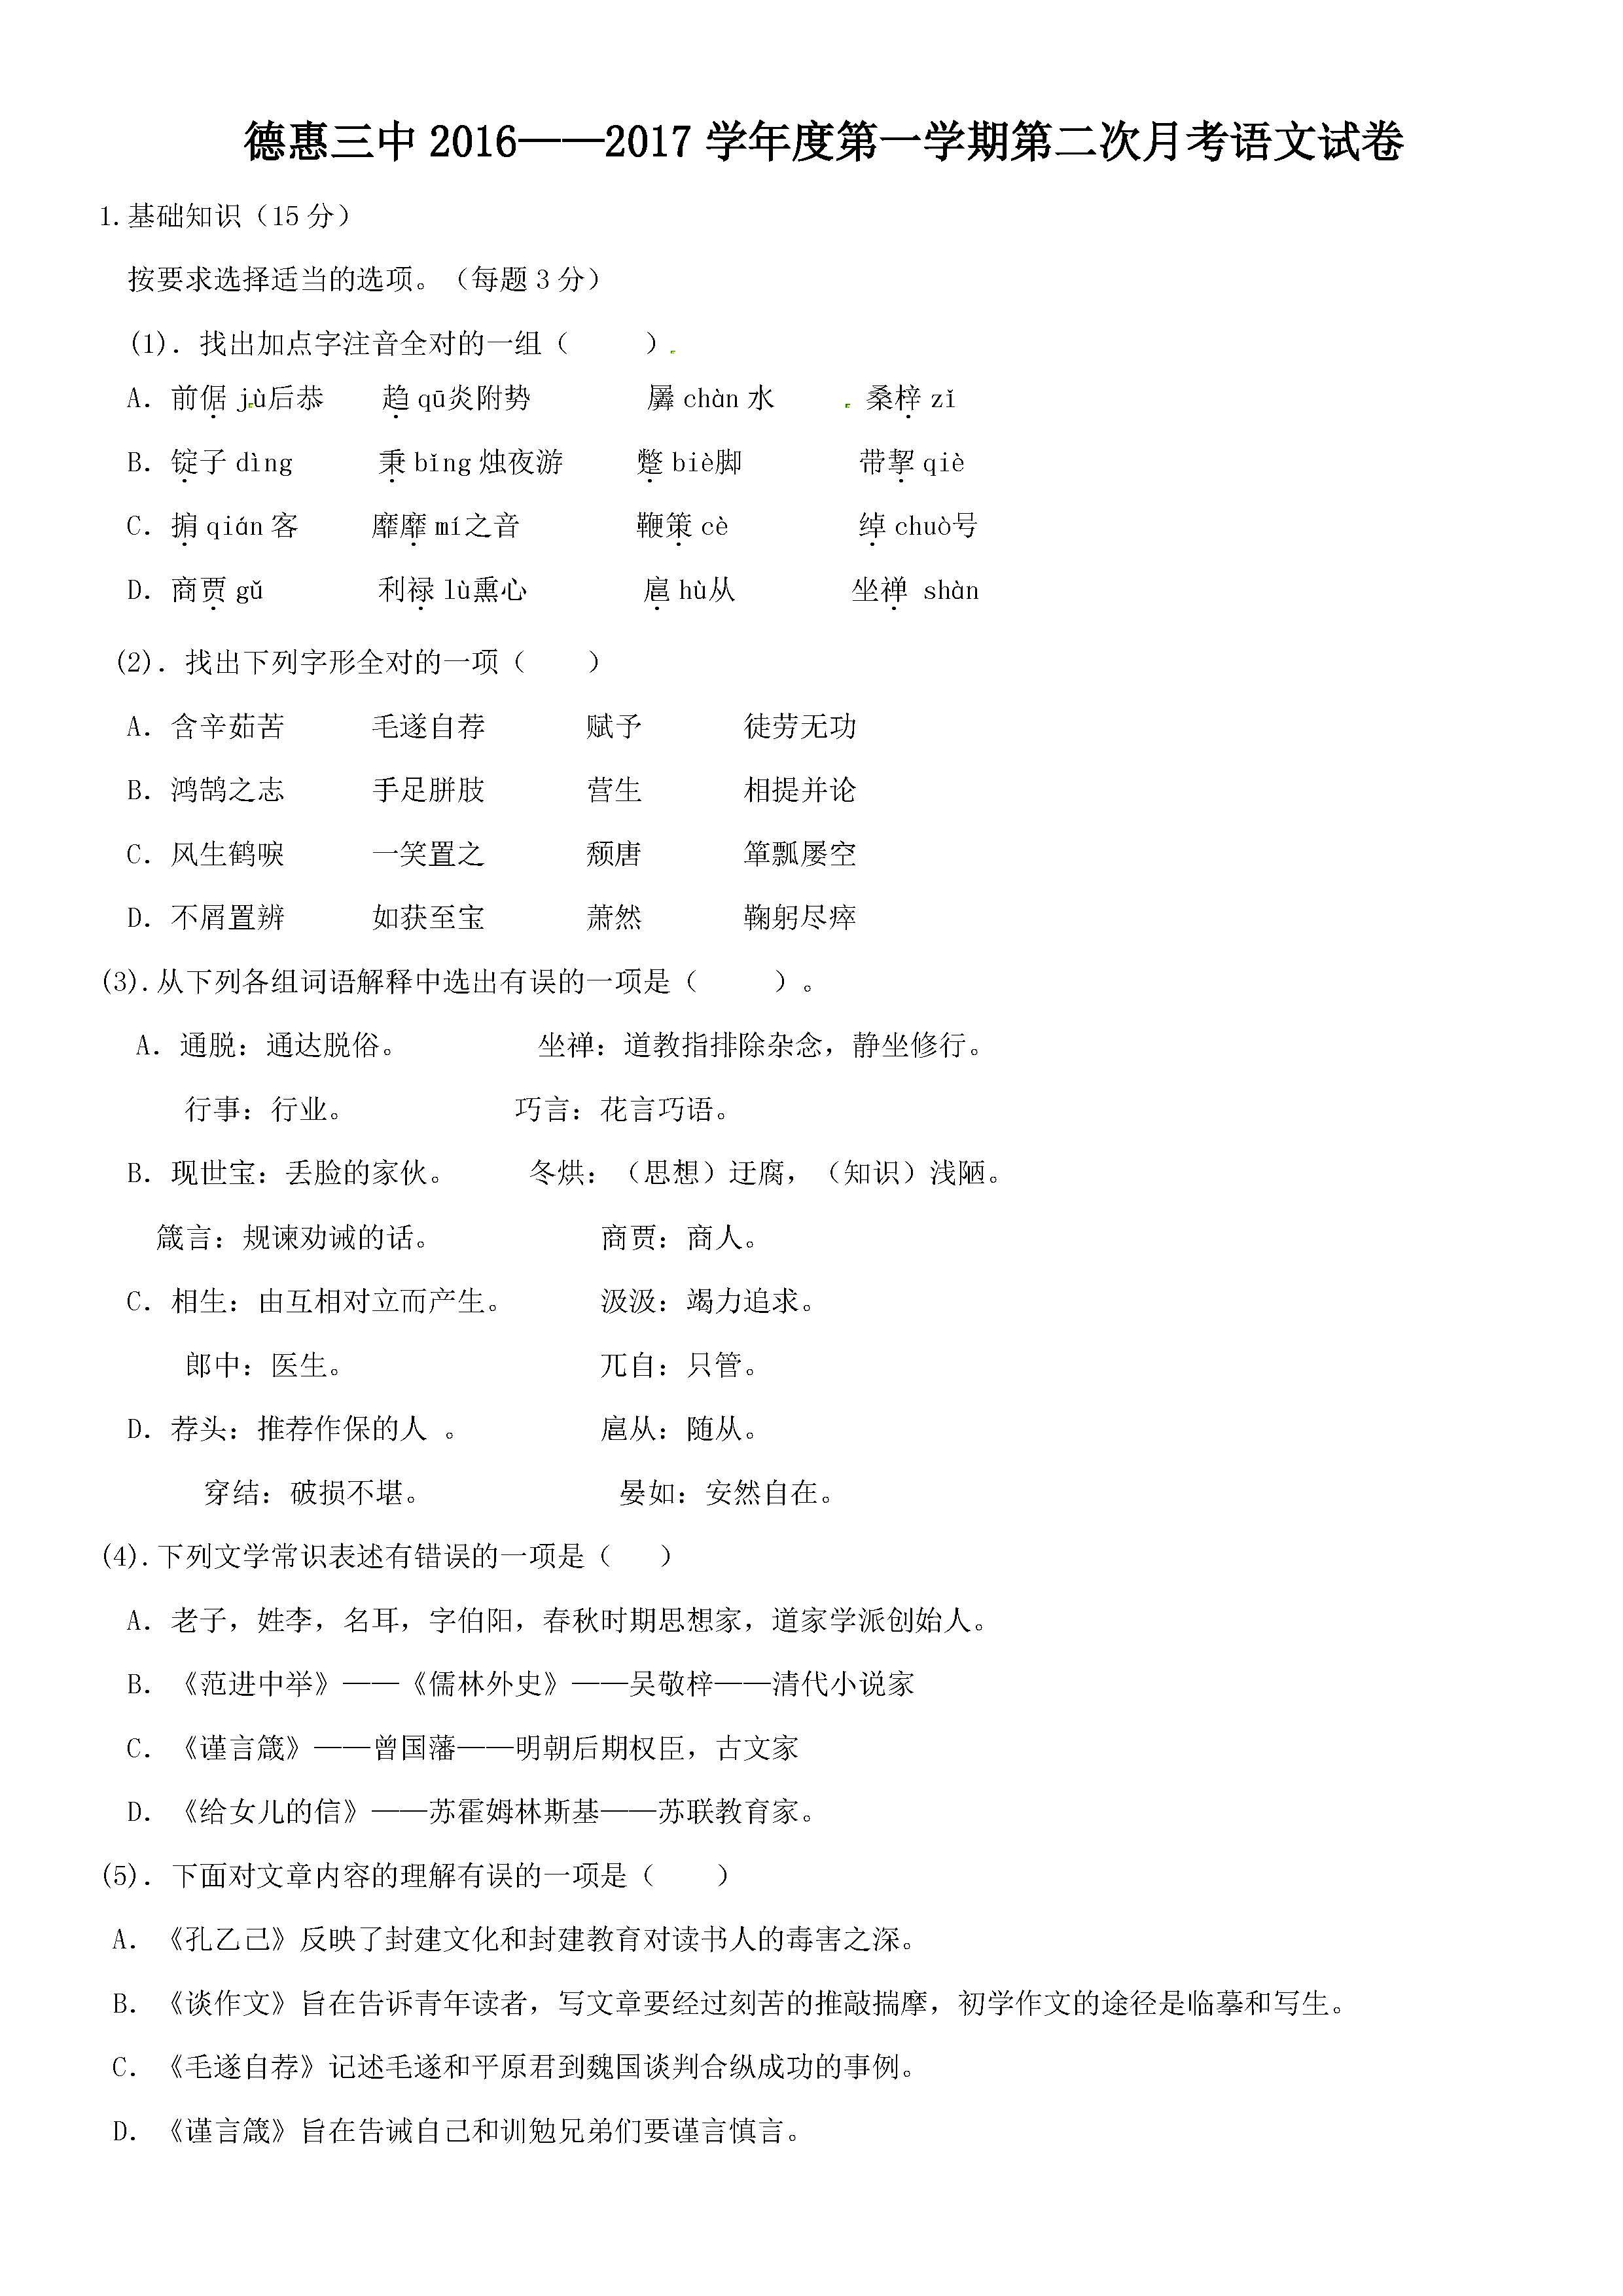 2016德惠三中八年级上11月语文月考试题(图片版)